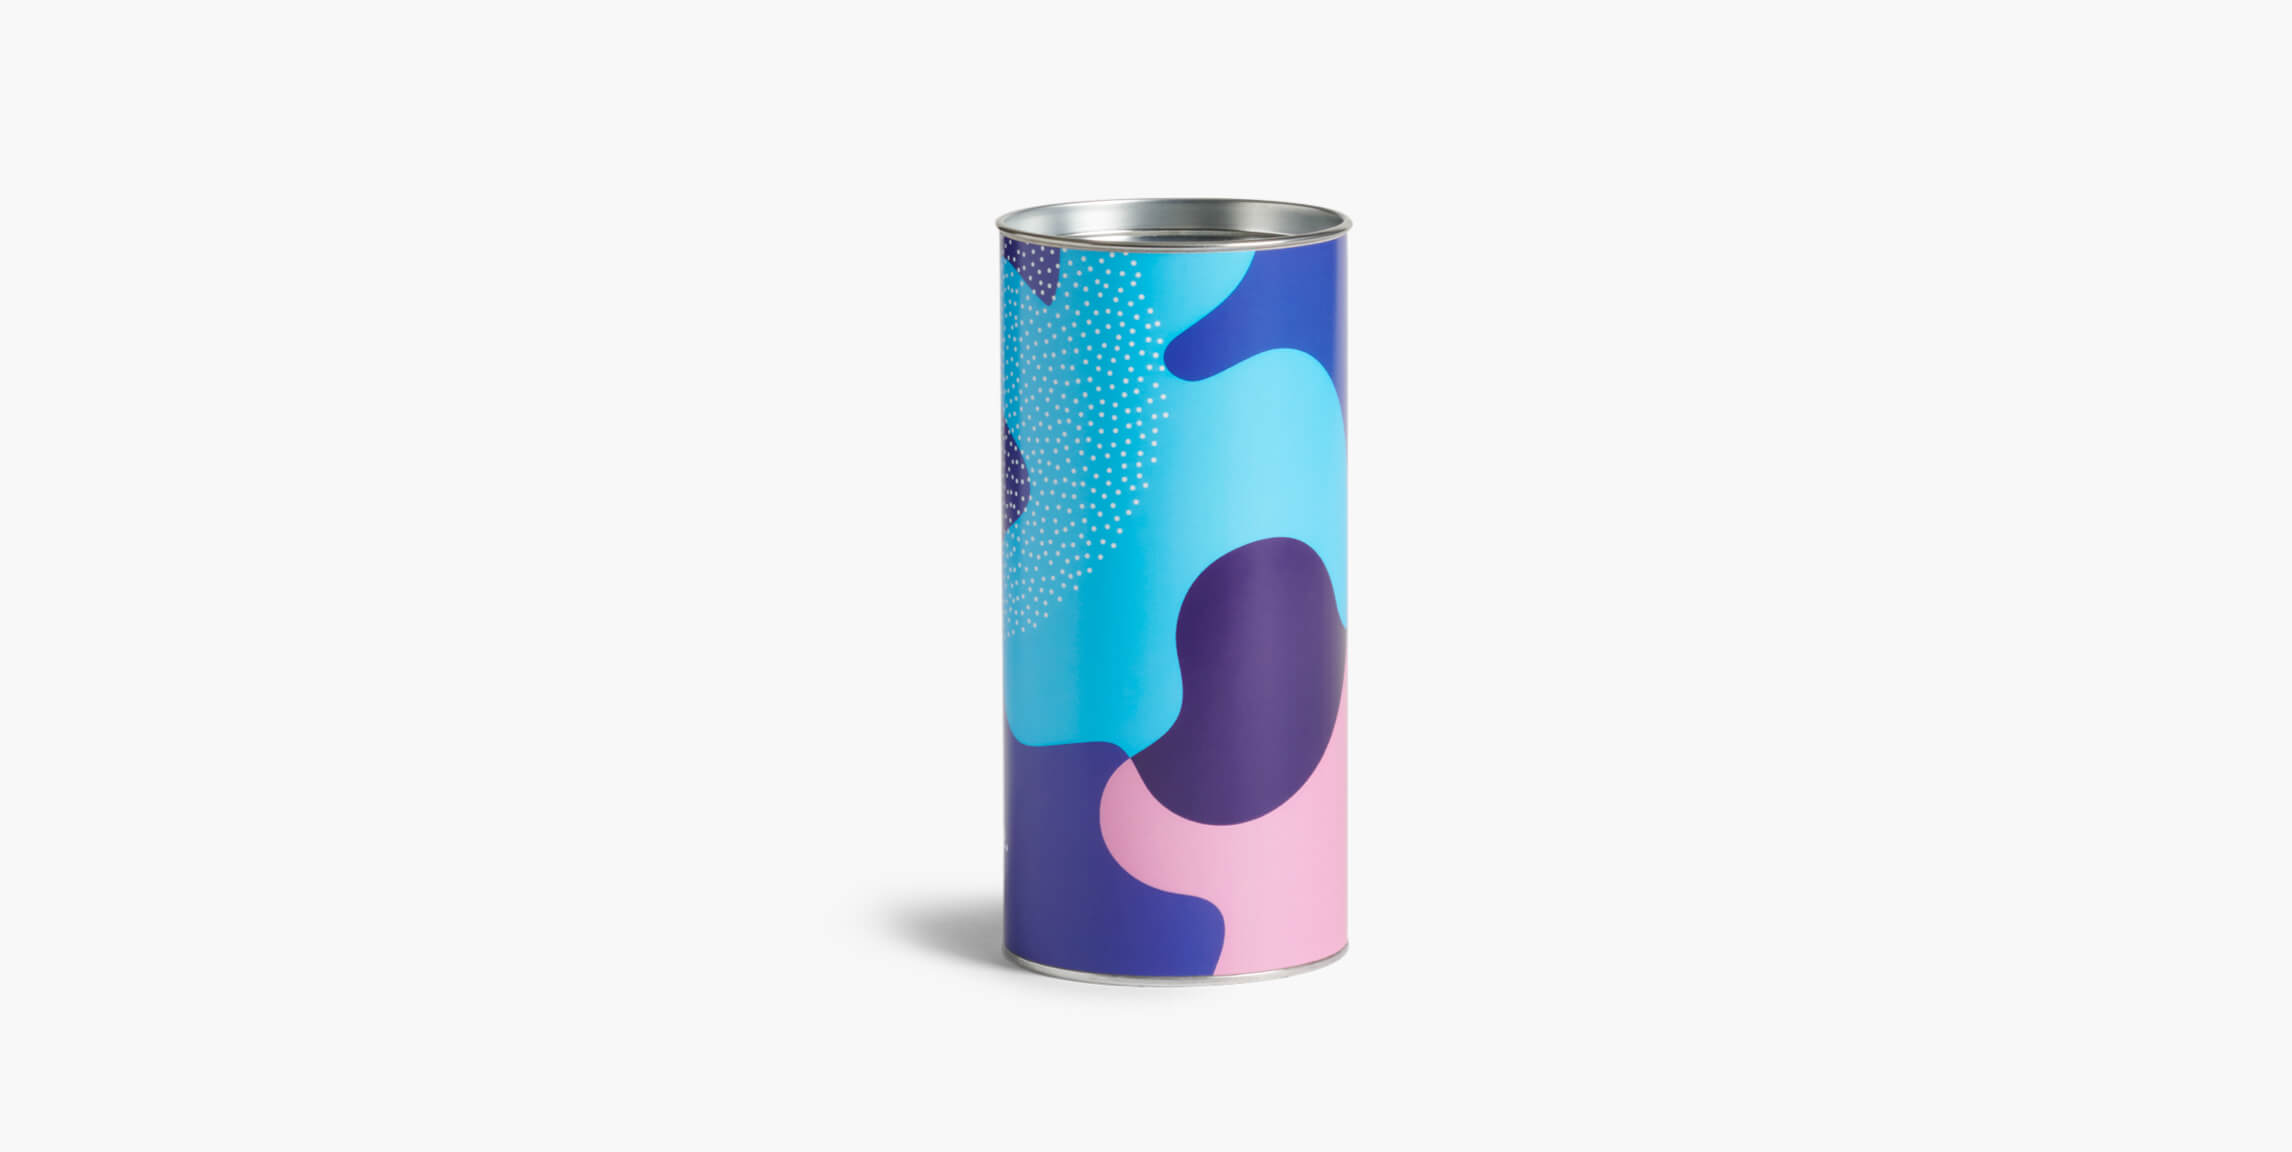 Lattina in cartone - scatole personalizzate - Packhelp